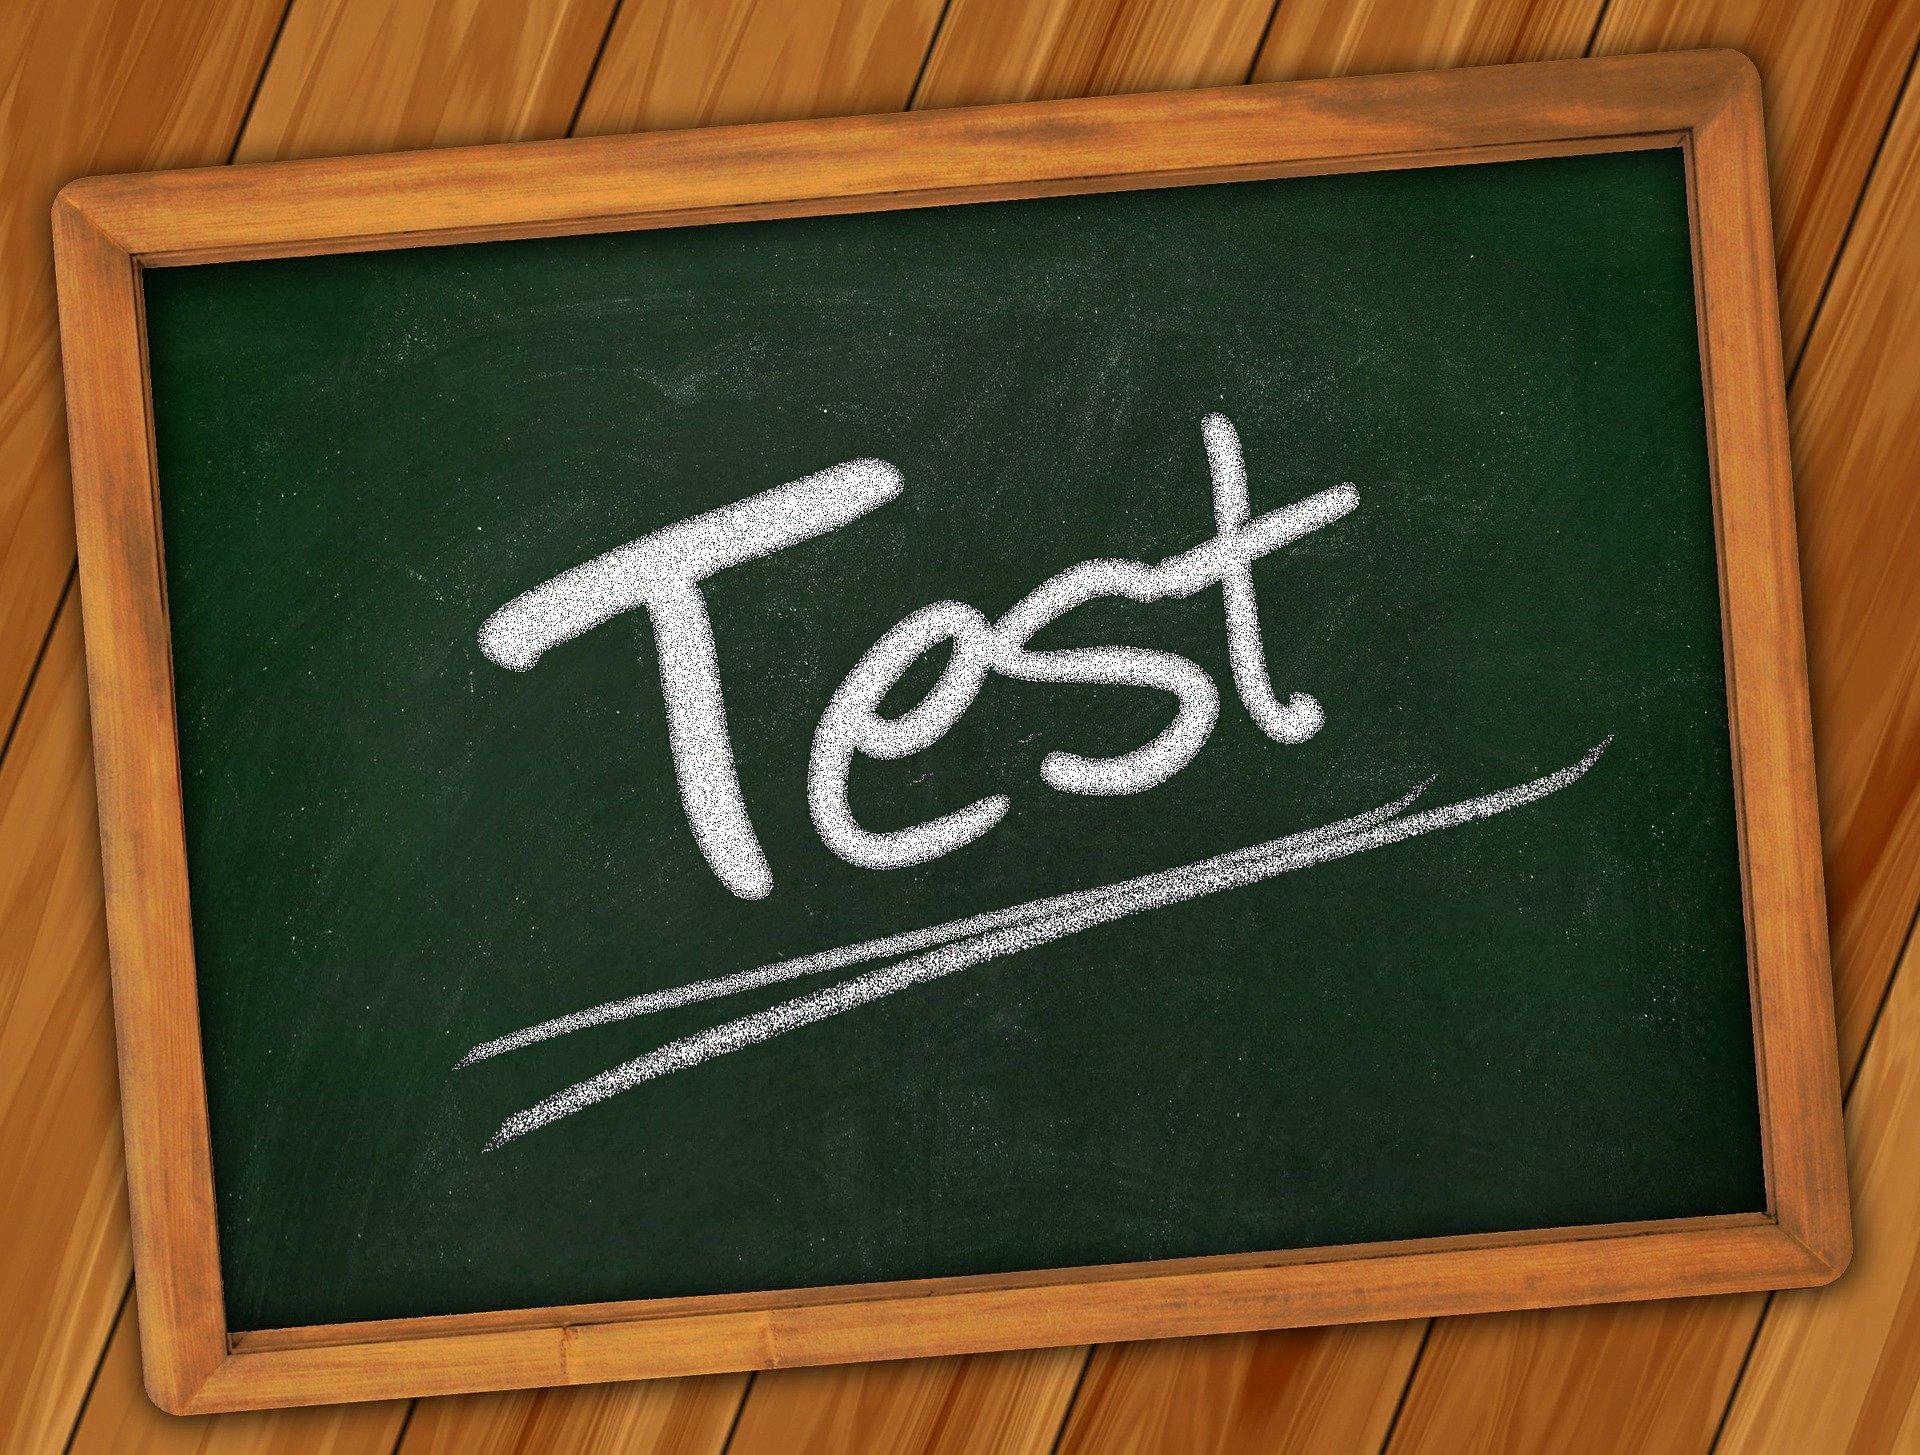 tipy, jak zvládnout zkoušku či státnice